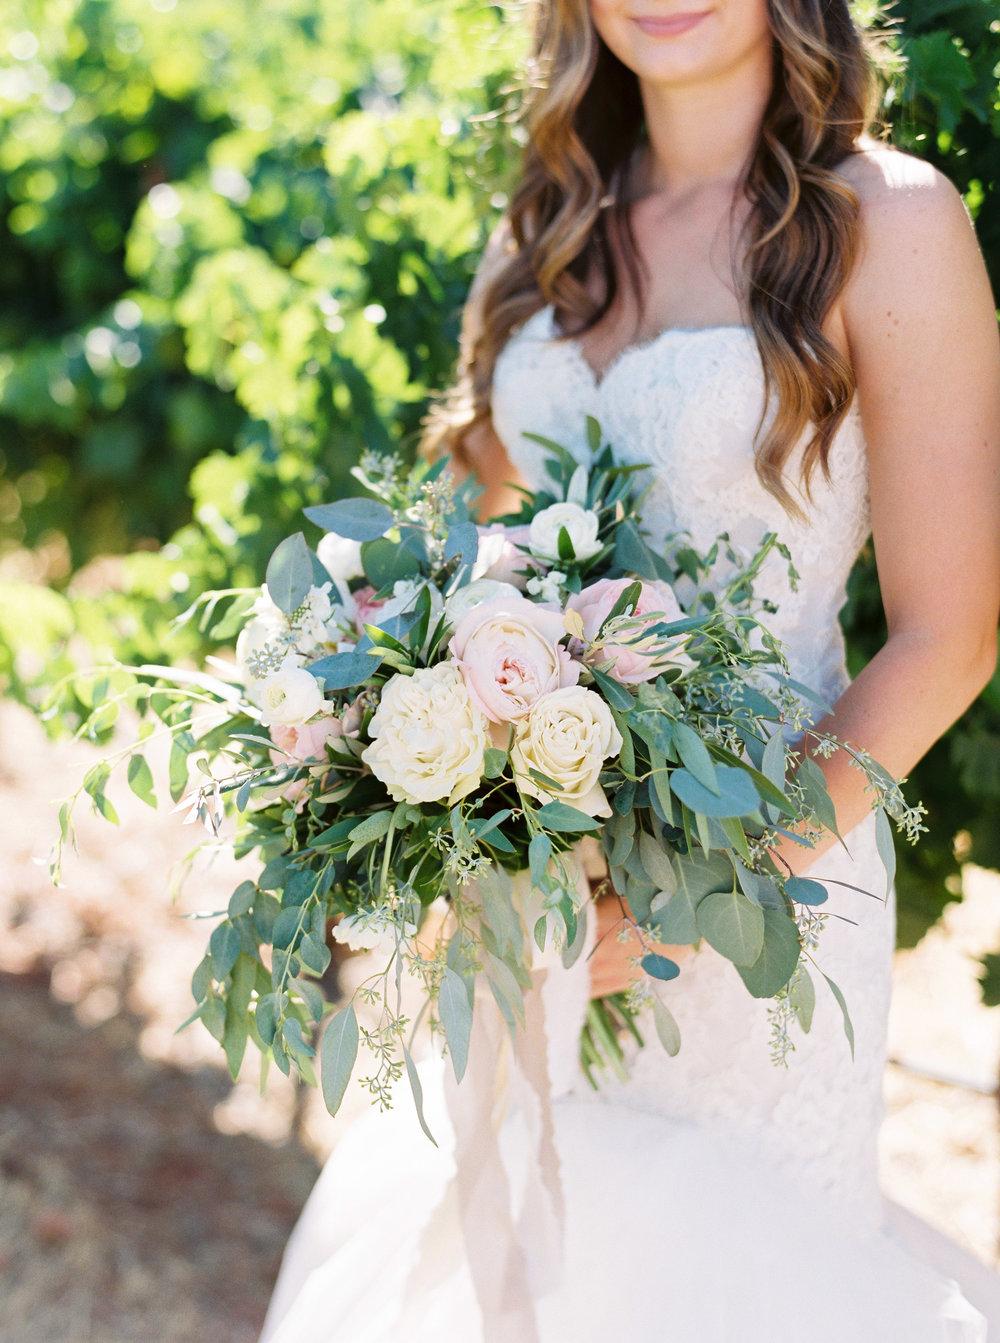 muriettas-well-wedding-in-livermore-california-132.jpg